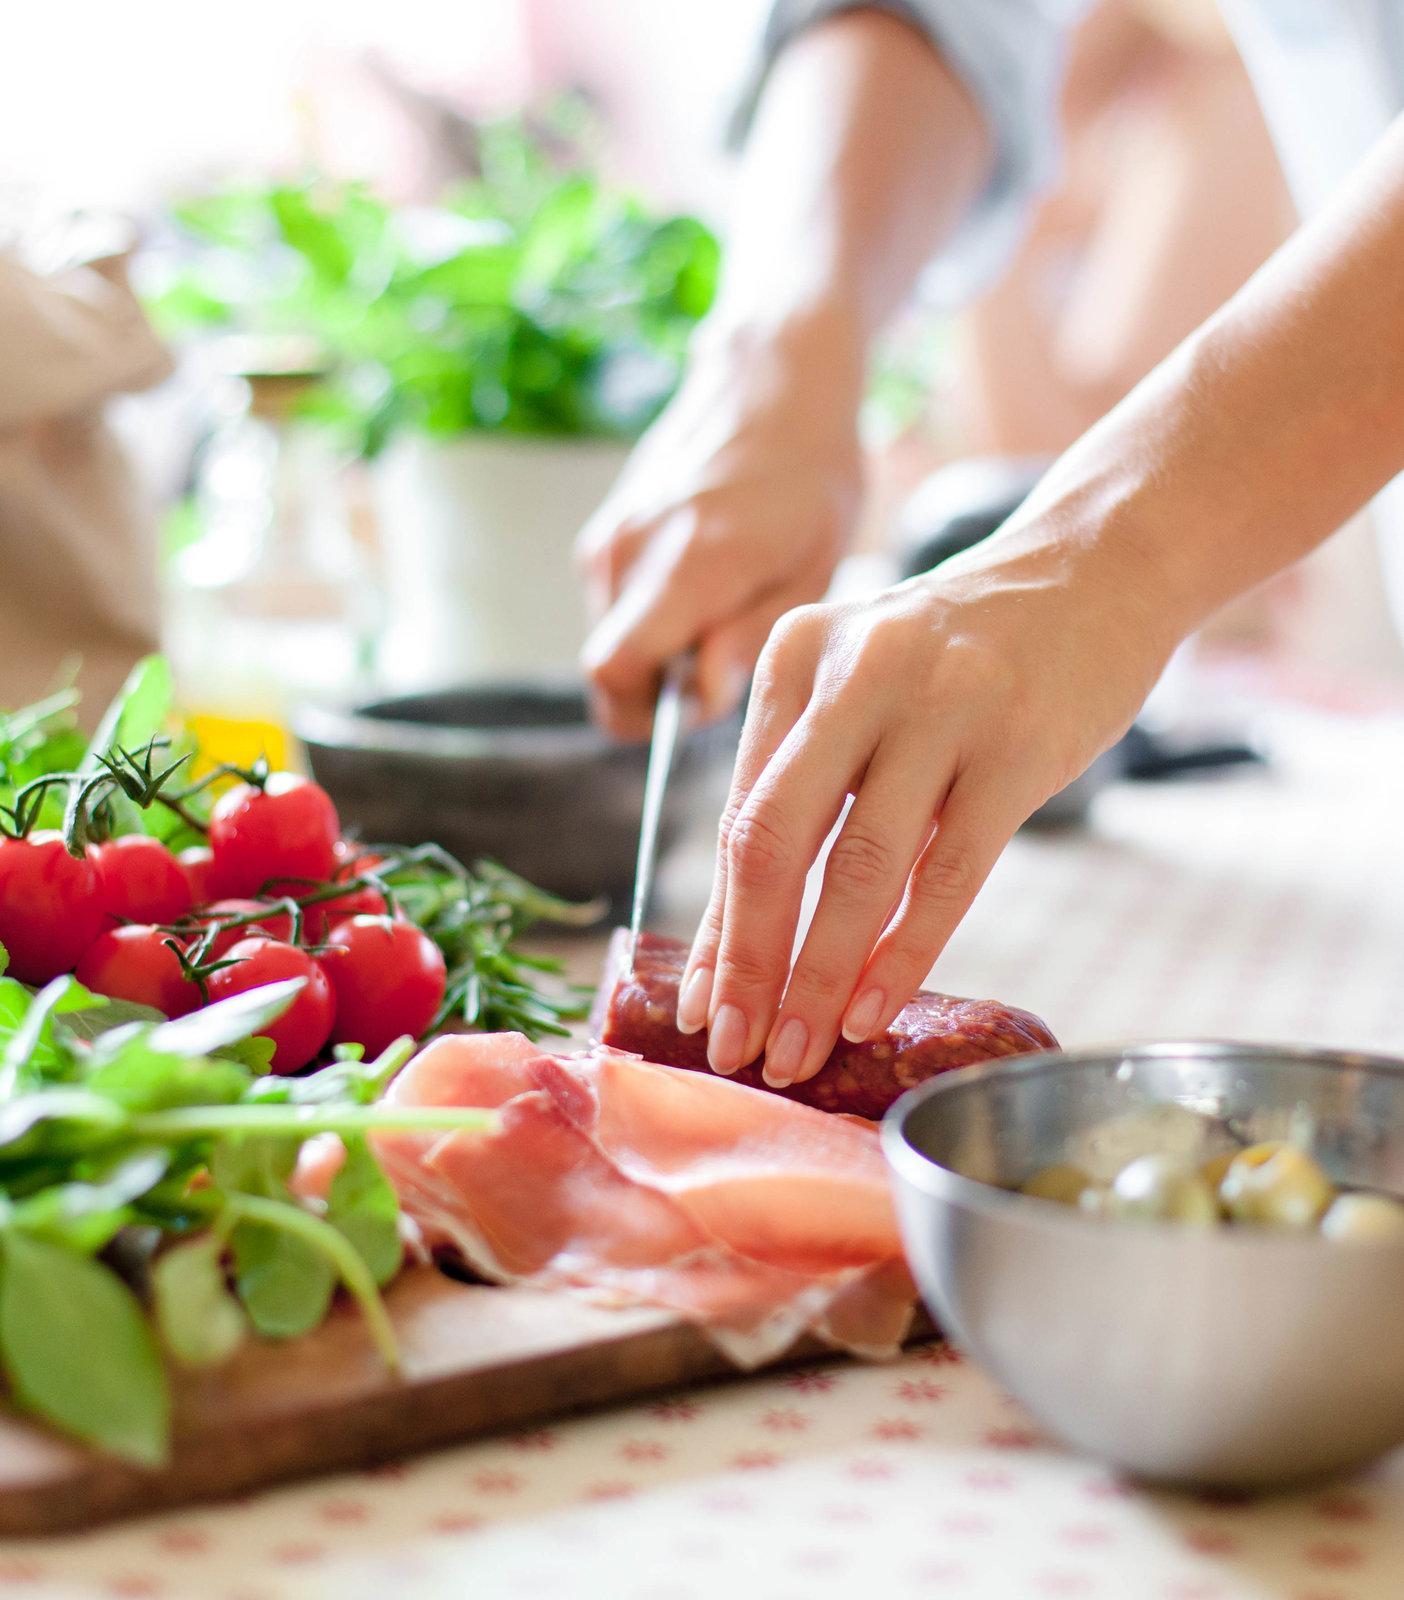 cocinando comida sana